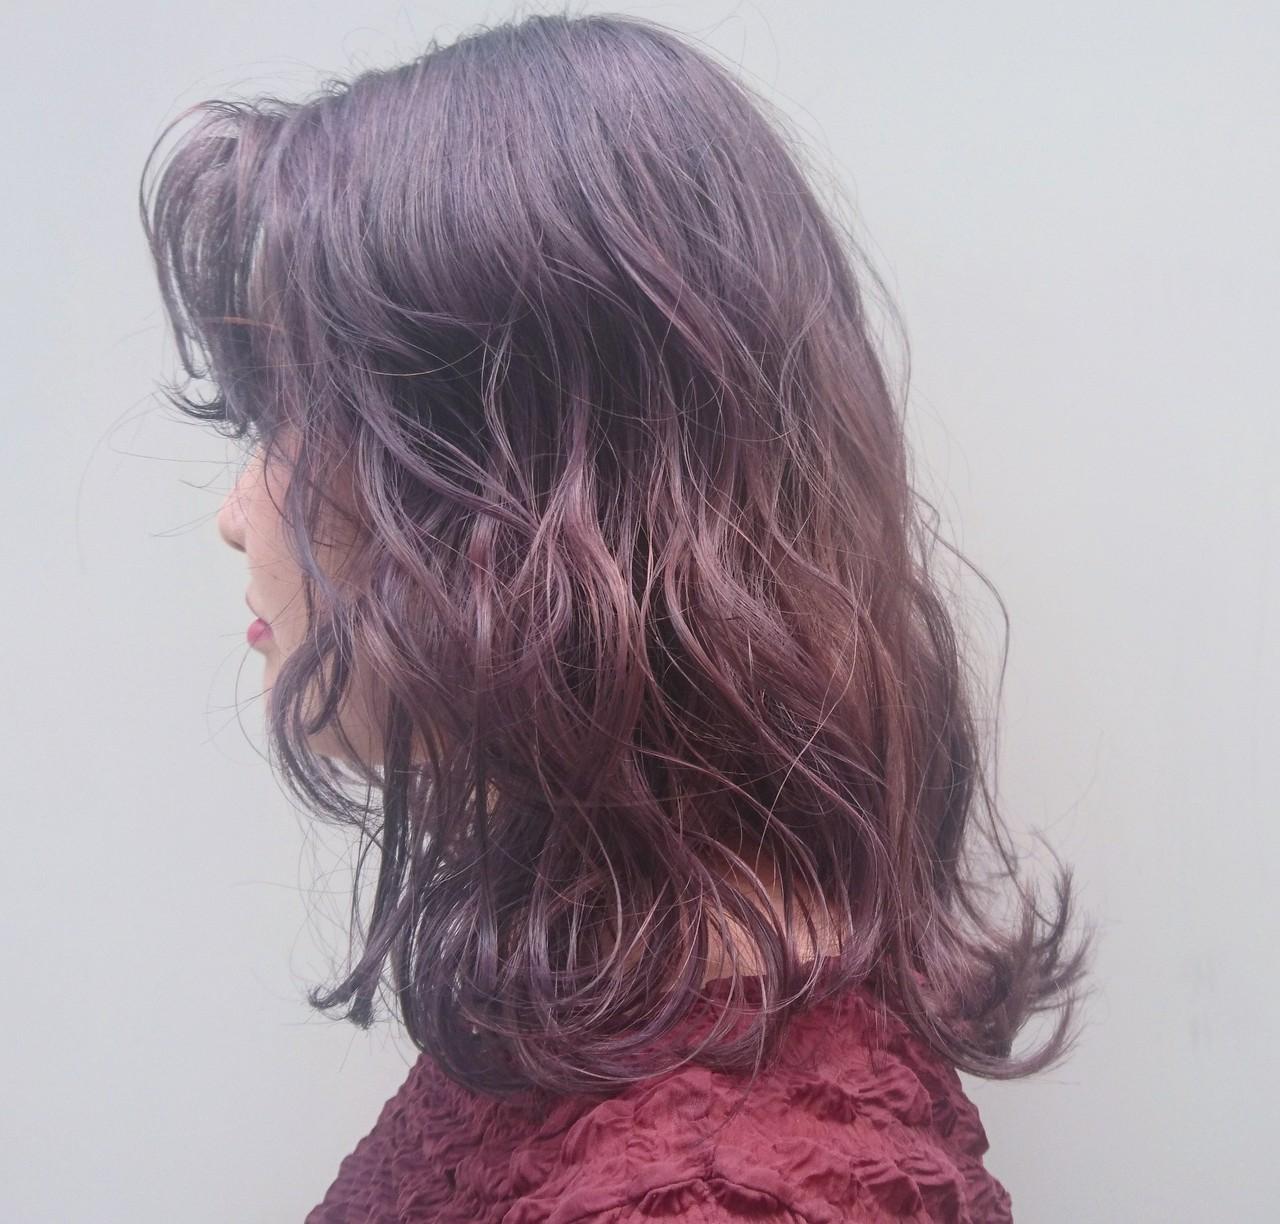 ロング ストリート パープル ブリーチ ヘアスタイルや髪型の写真・画像